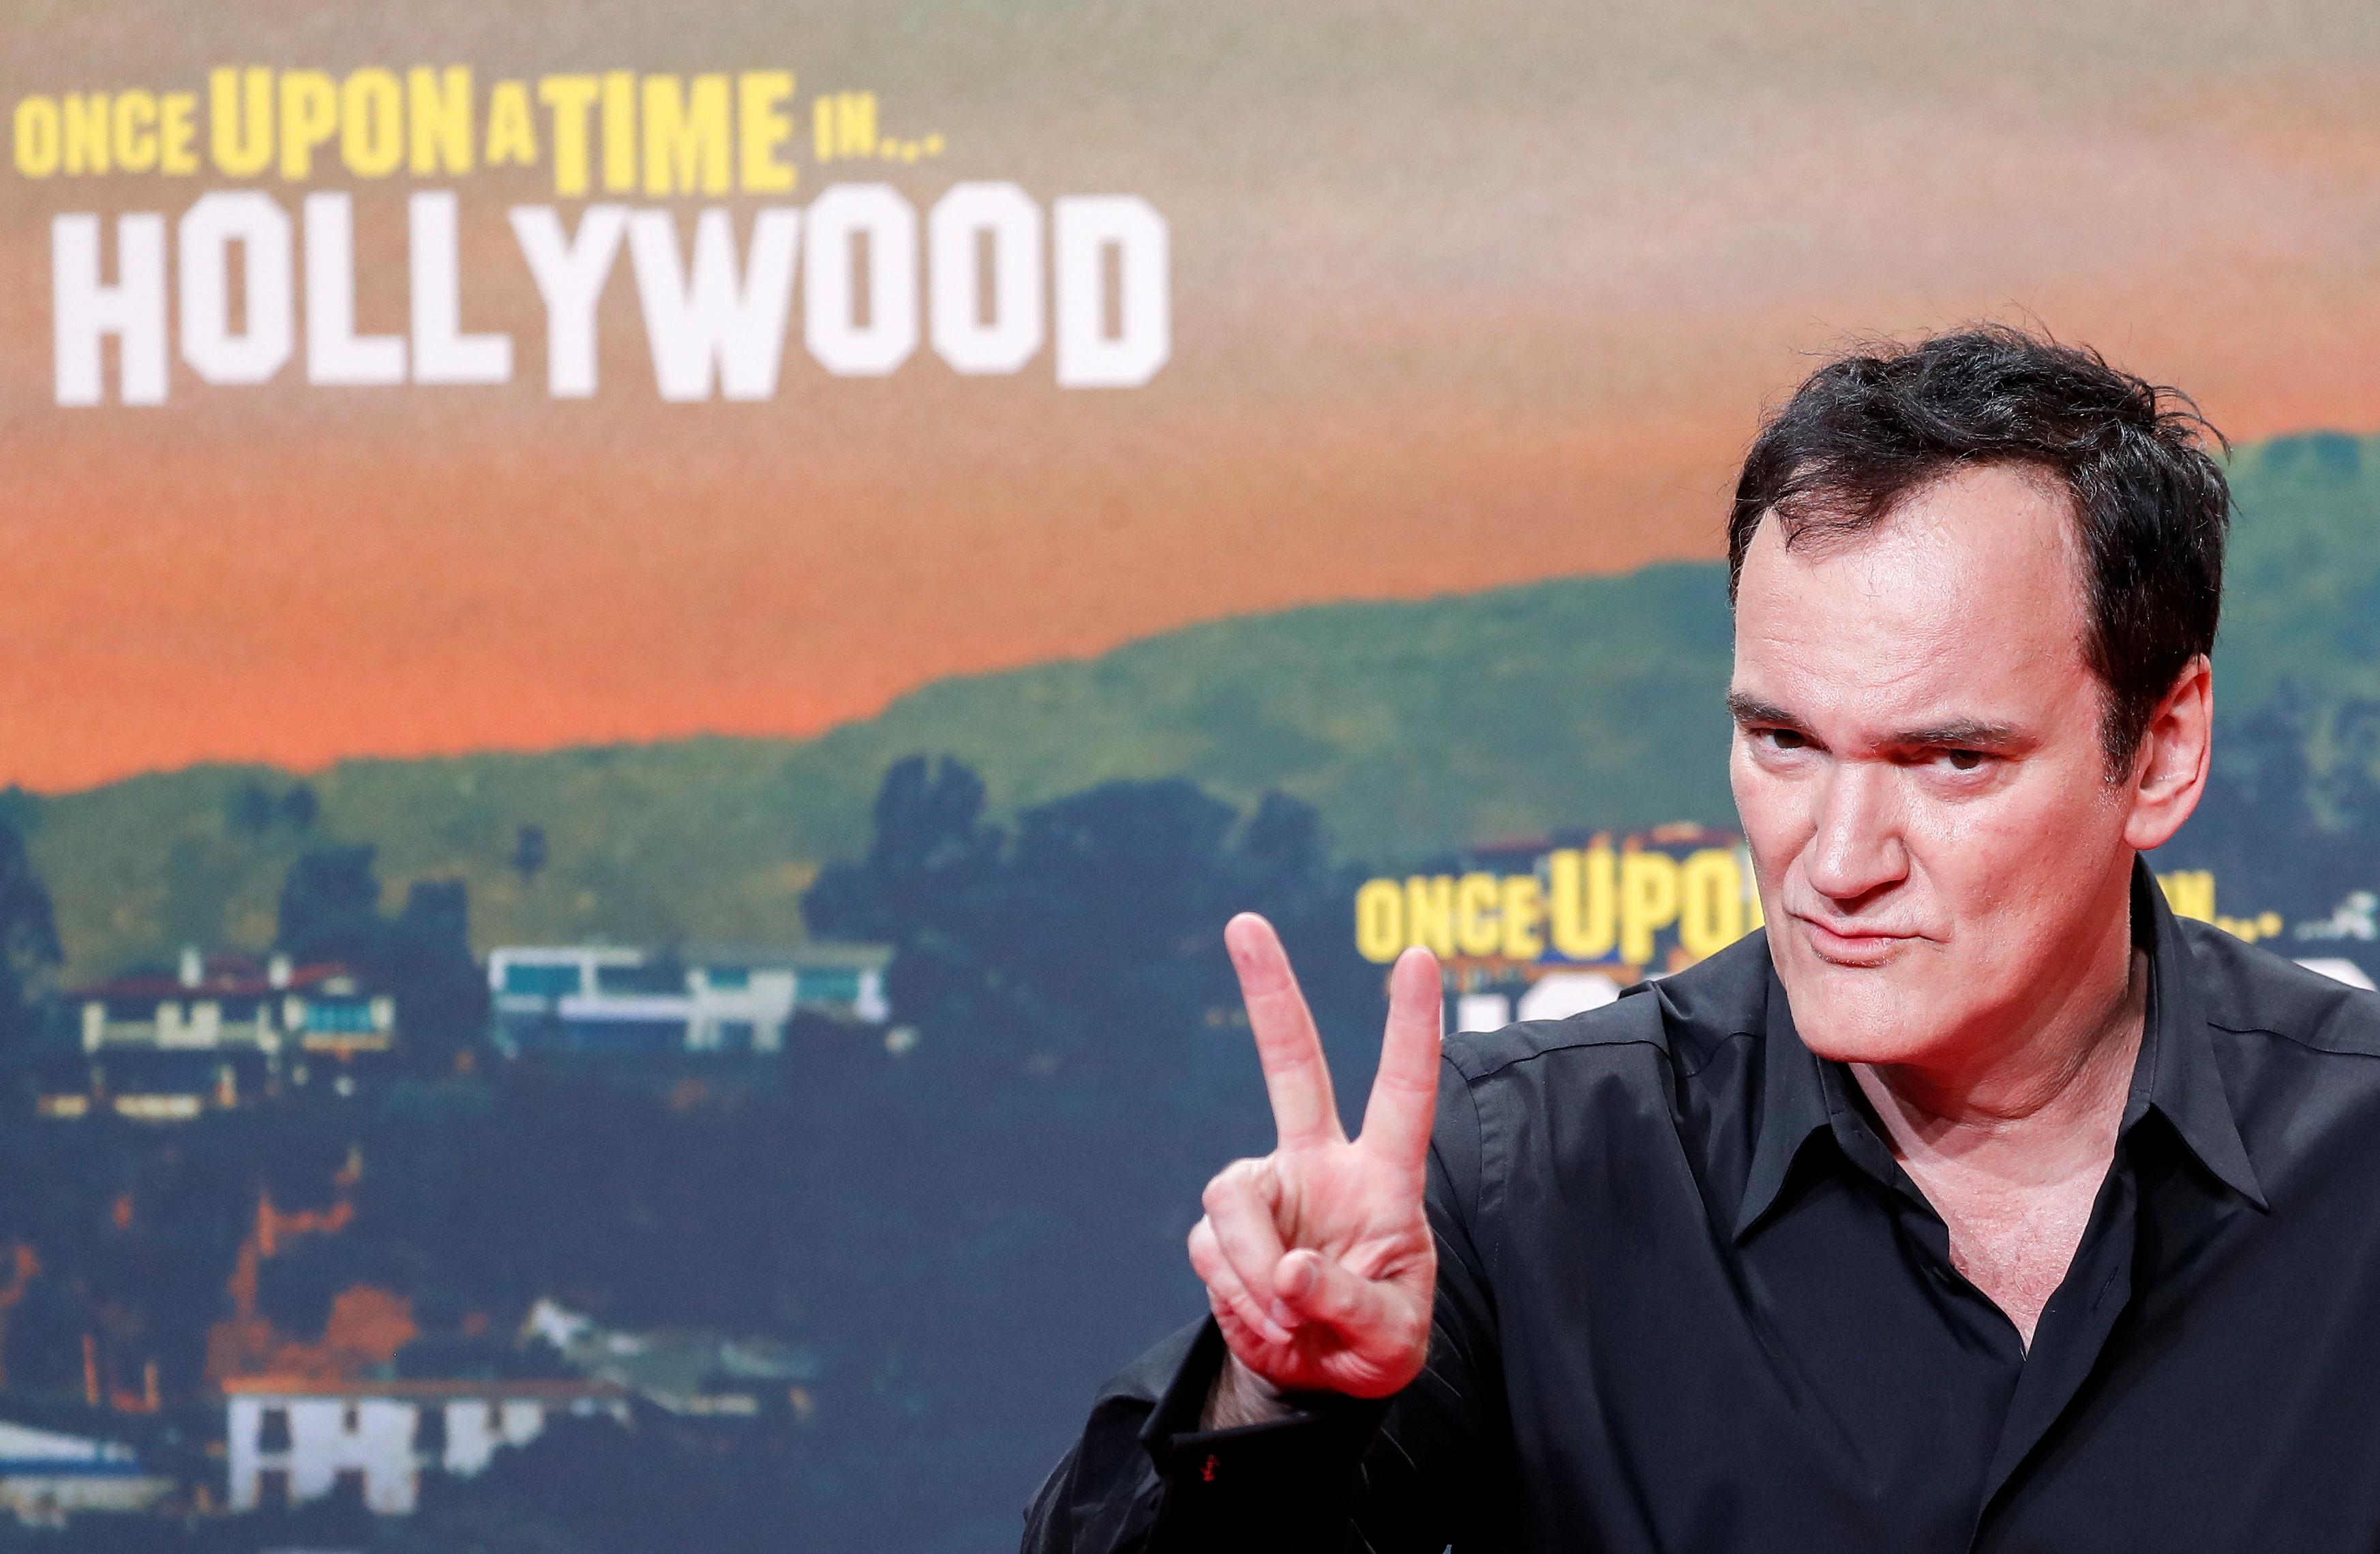 Ο Κουέντιν Ταραντίνο κάνει βιβλίο το Once Upon a Time… in Hollywood